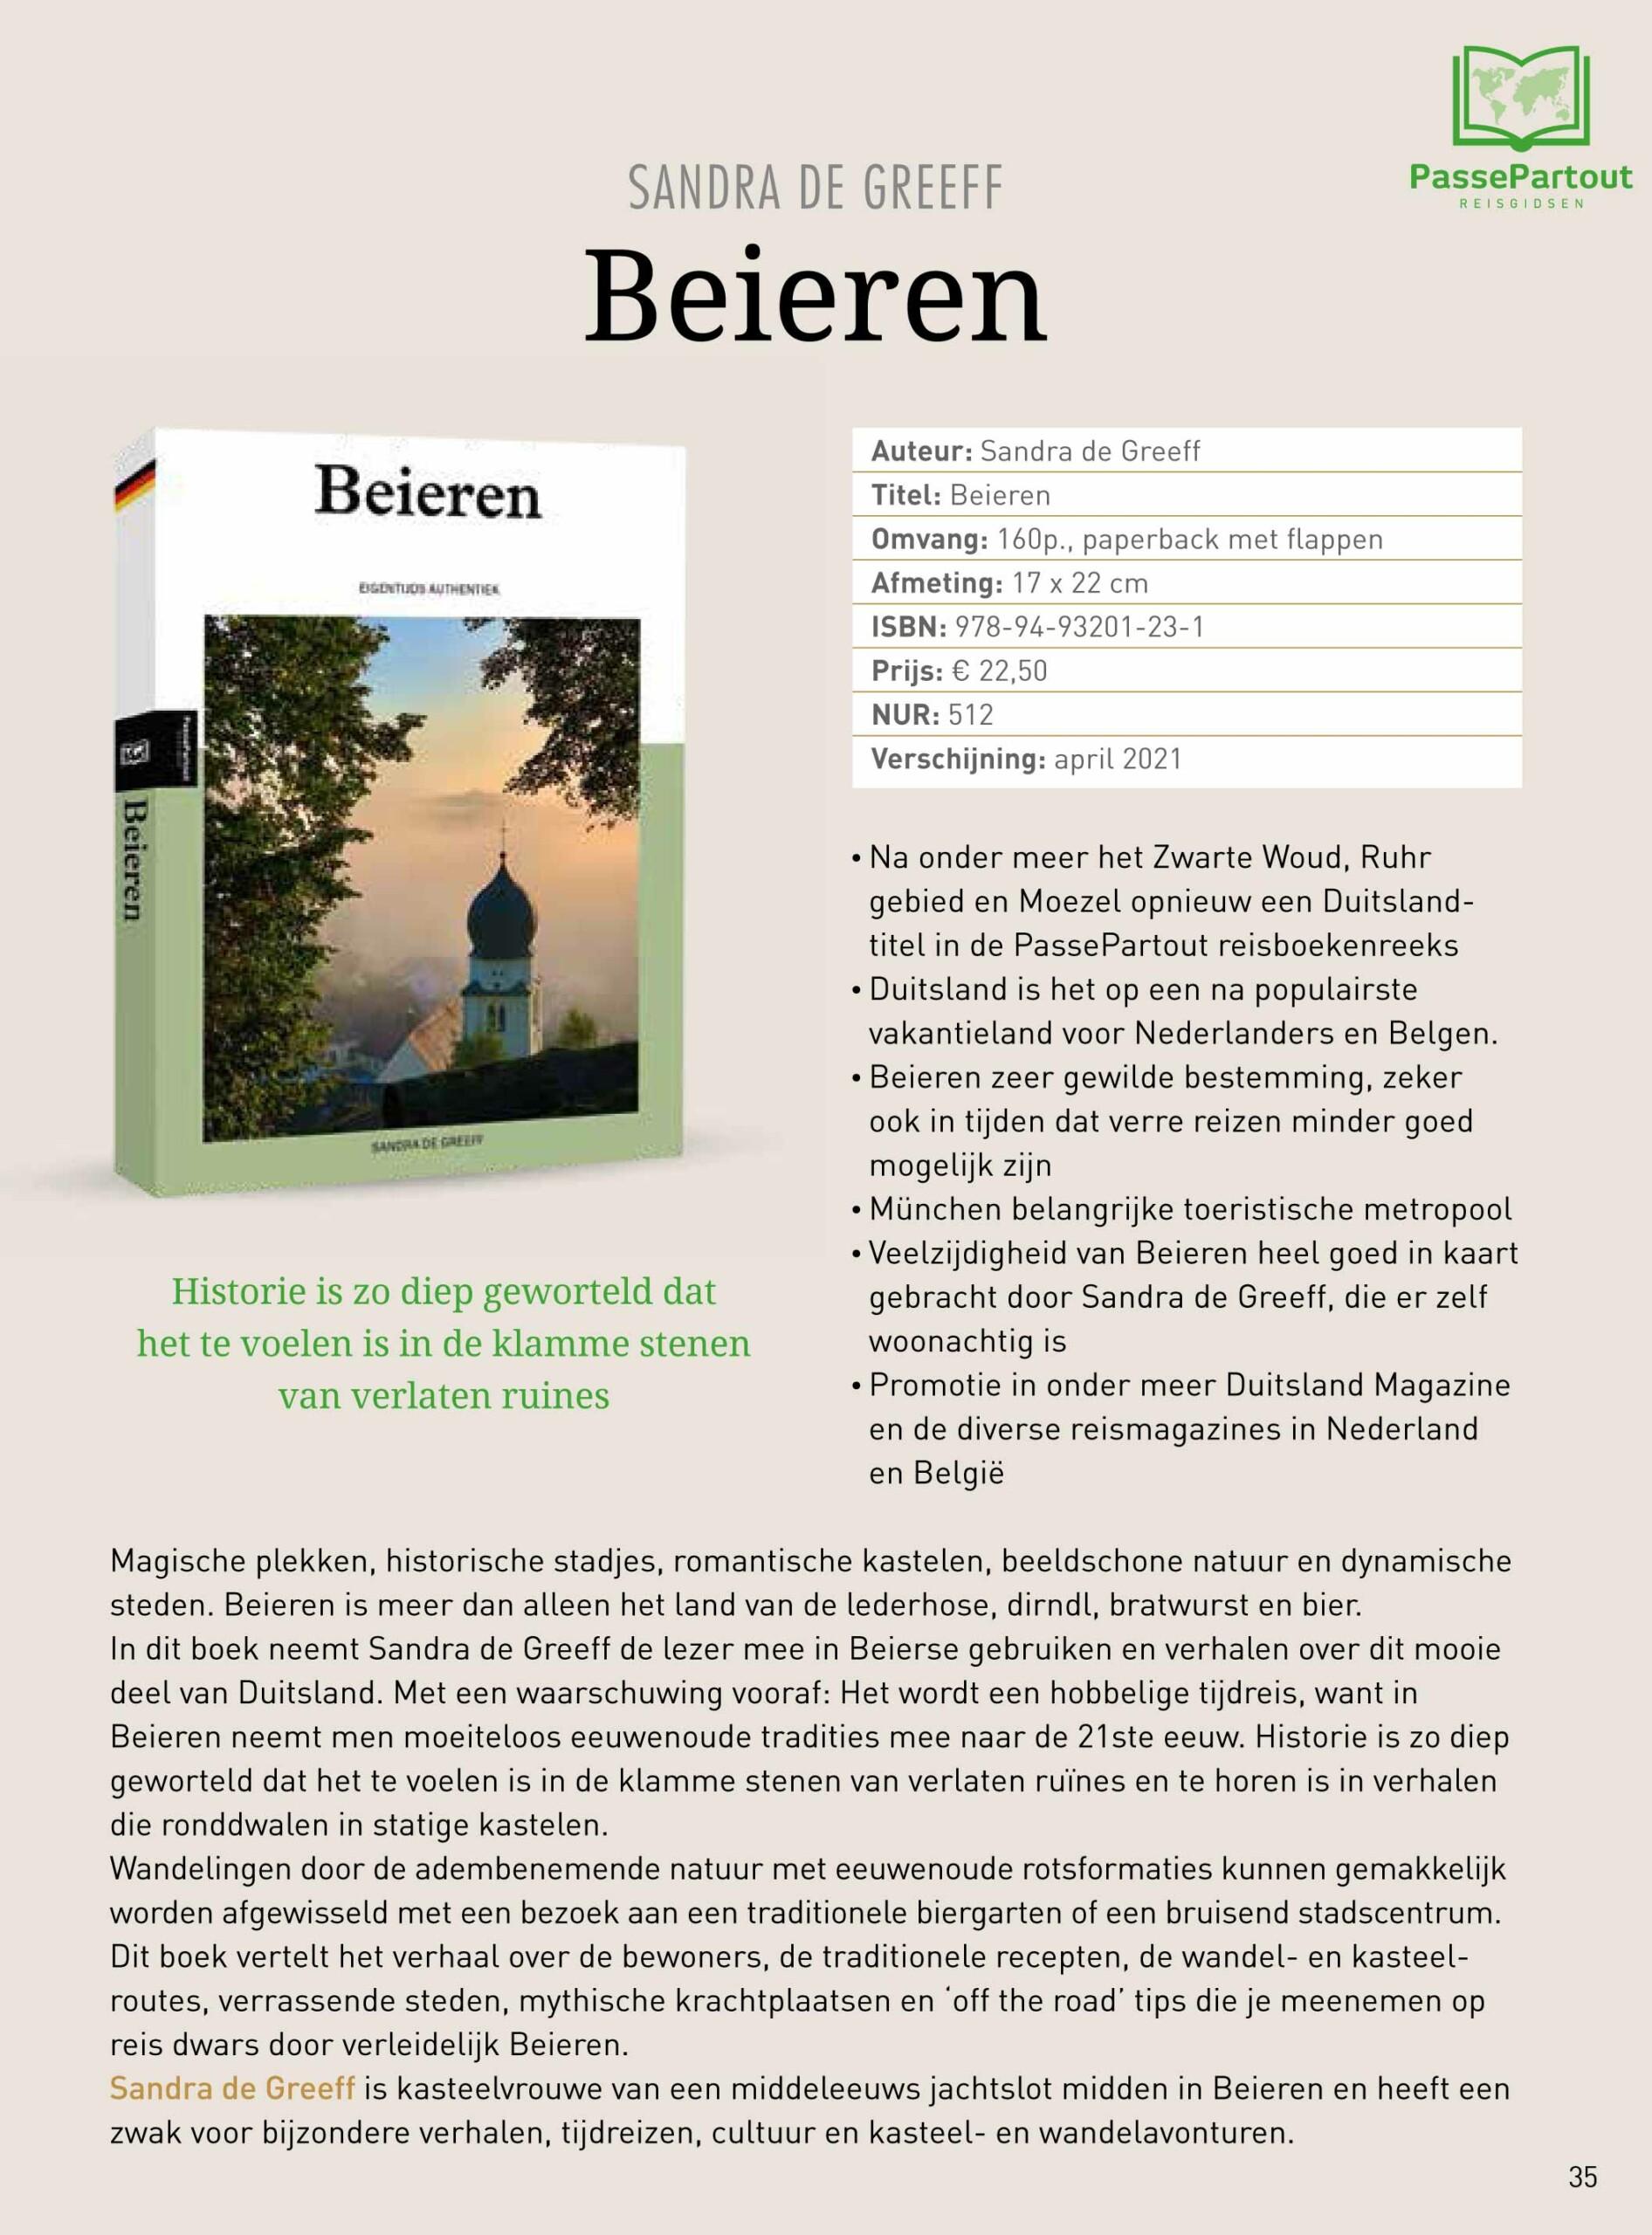 Wat te verwachten in de reisgids van Beieren